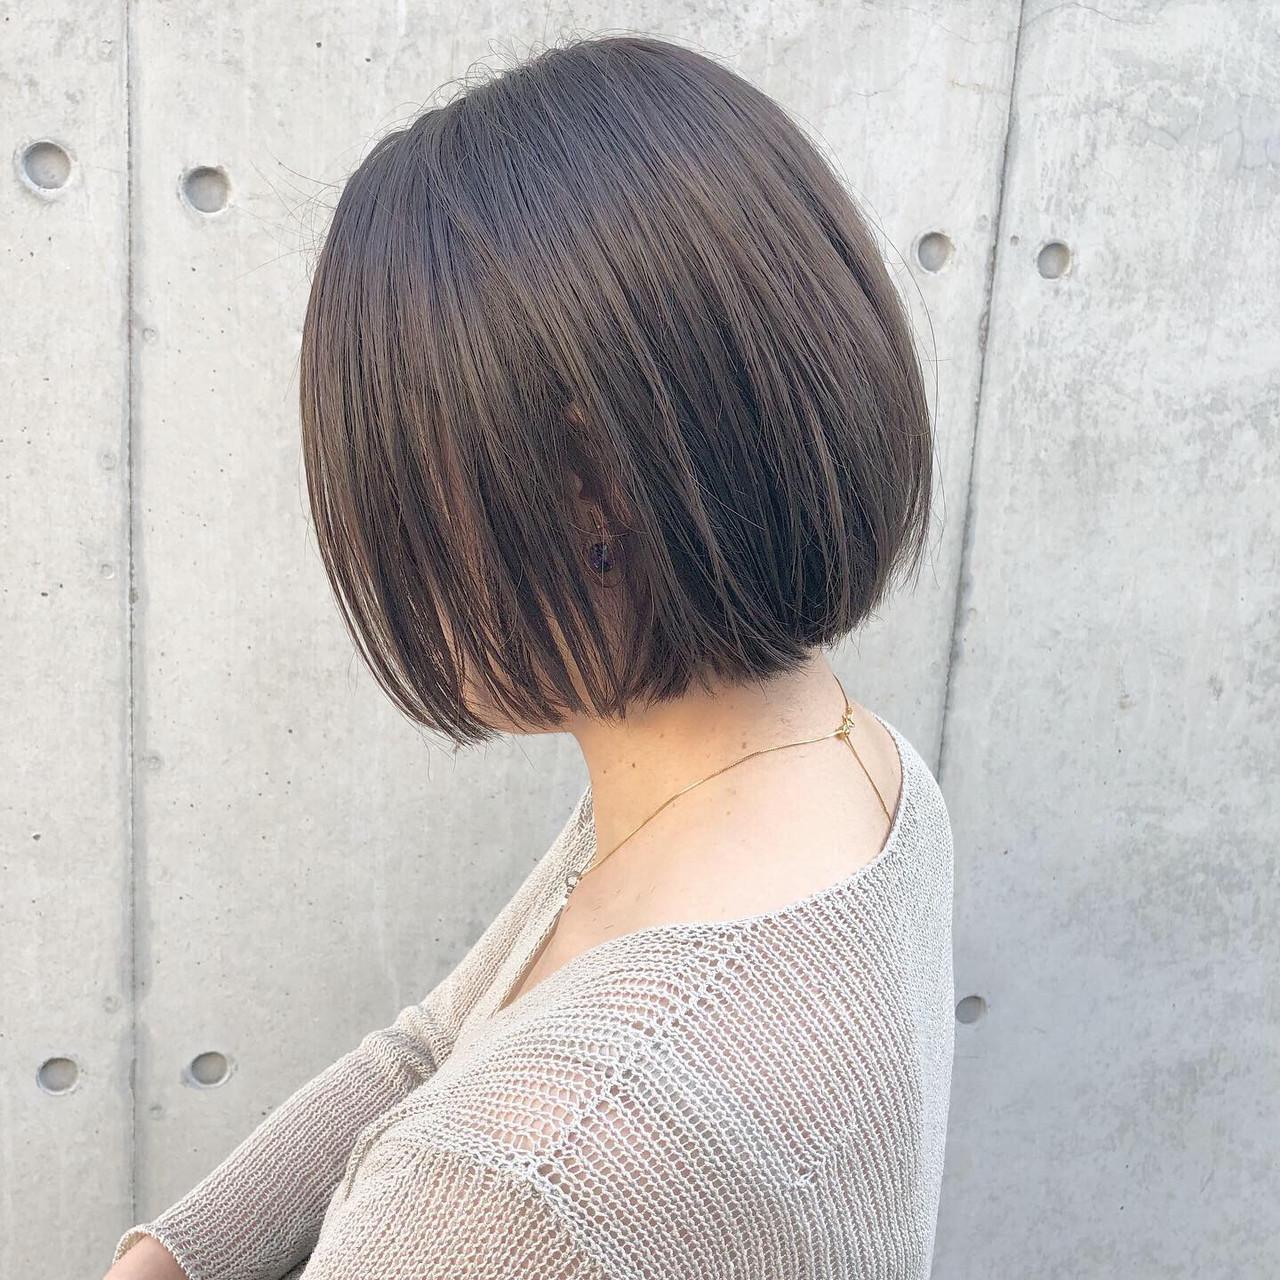 オフィス 切りっぱなしボブ ナチュラル スポーツ ヘアスタイルや髪型の写真・画像   高田 興 / レジーロ